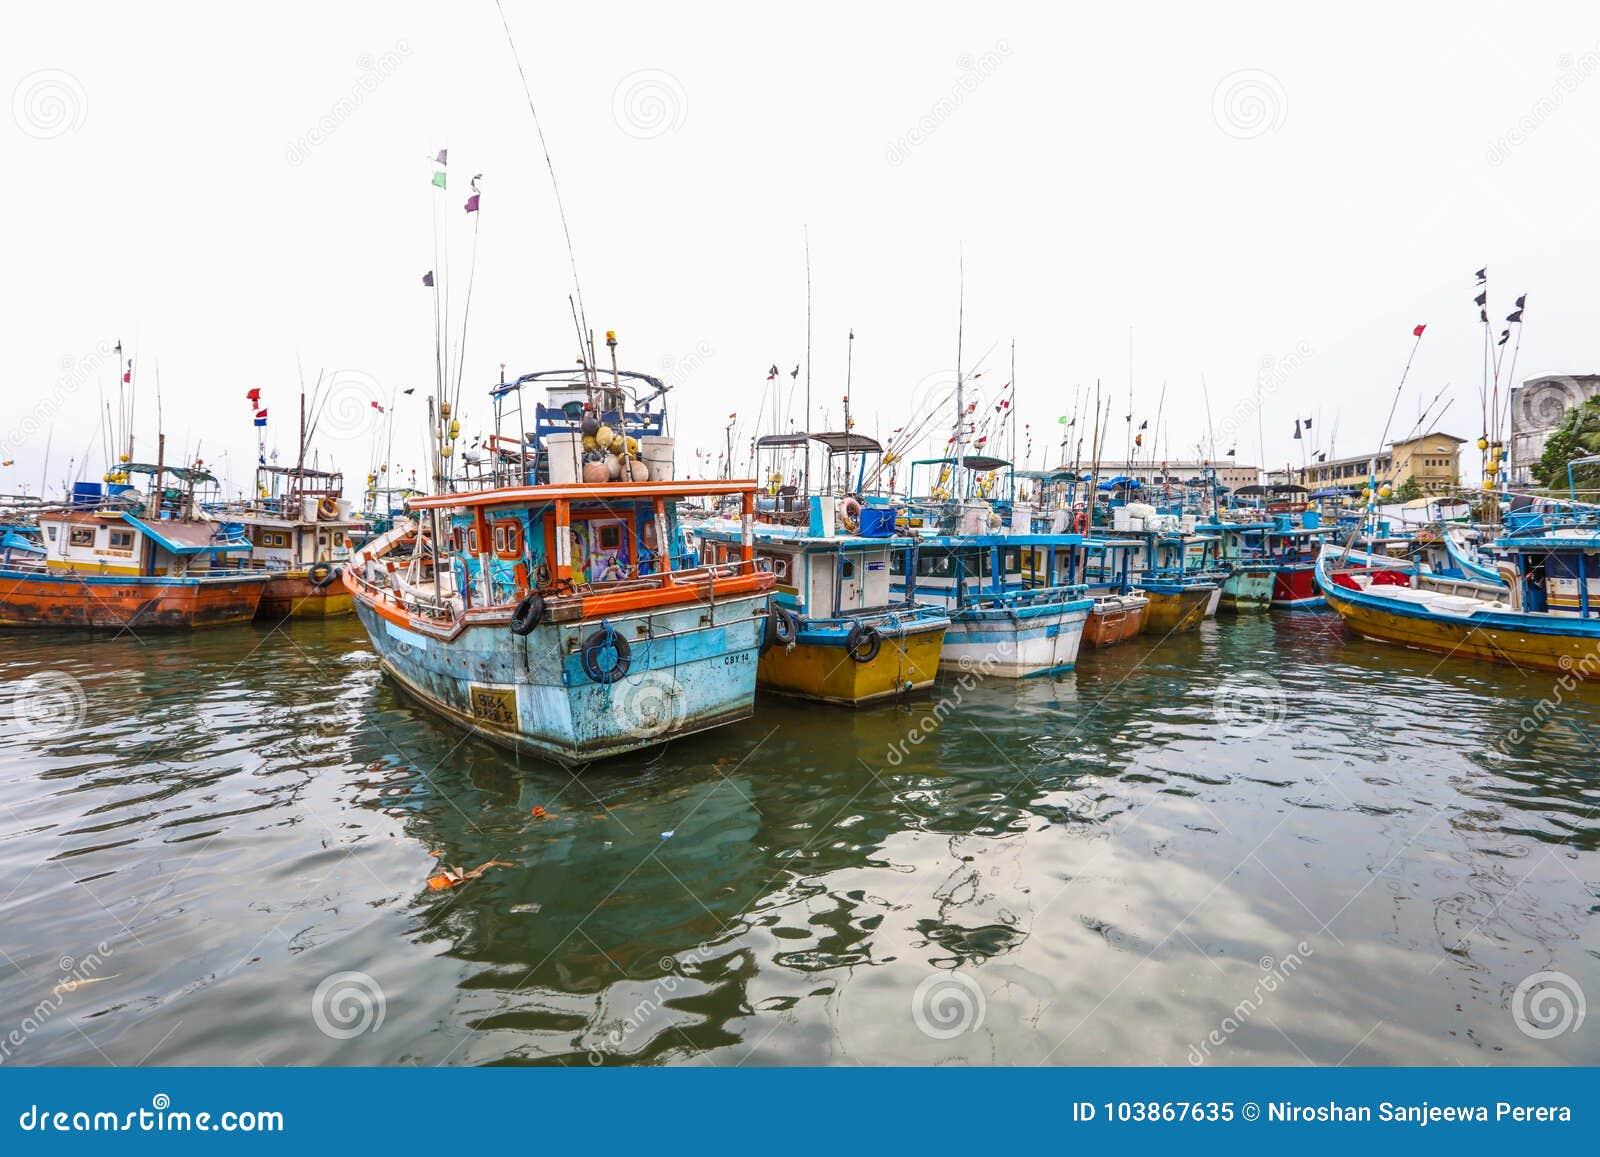 Fischerboote Stehen In Galle Hafen Sri Lanka Redaktionelles Bild